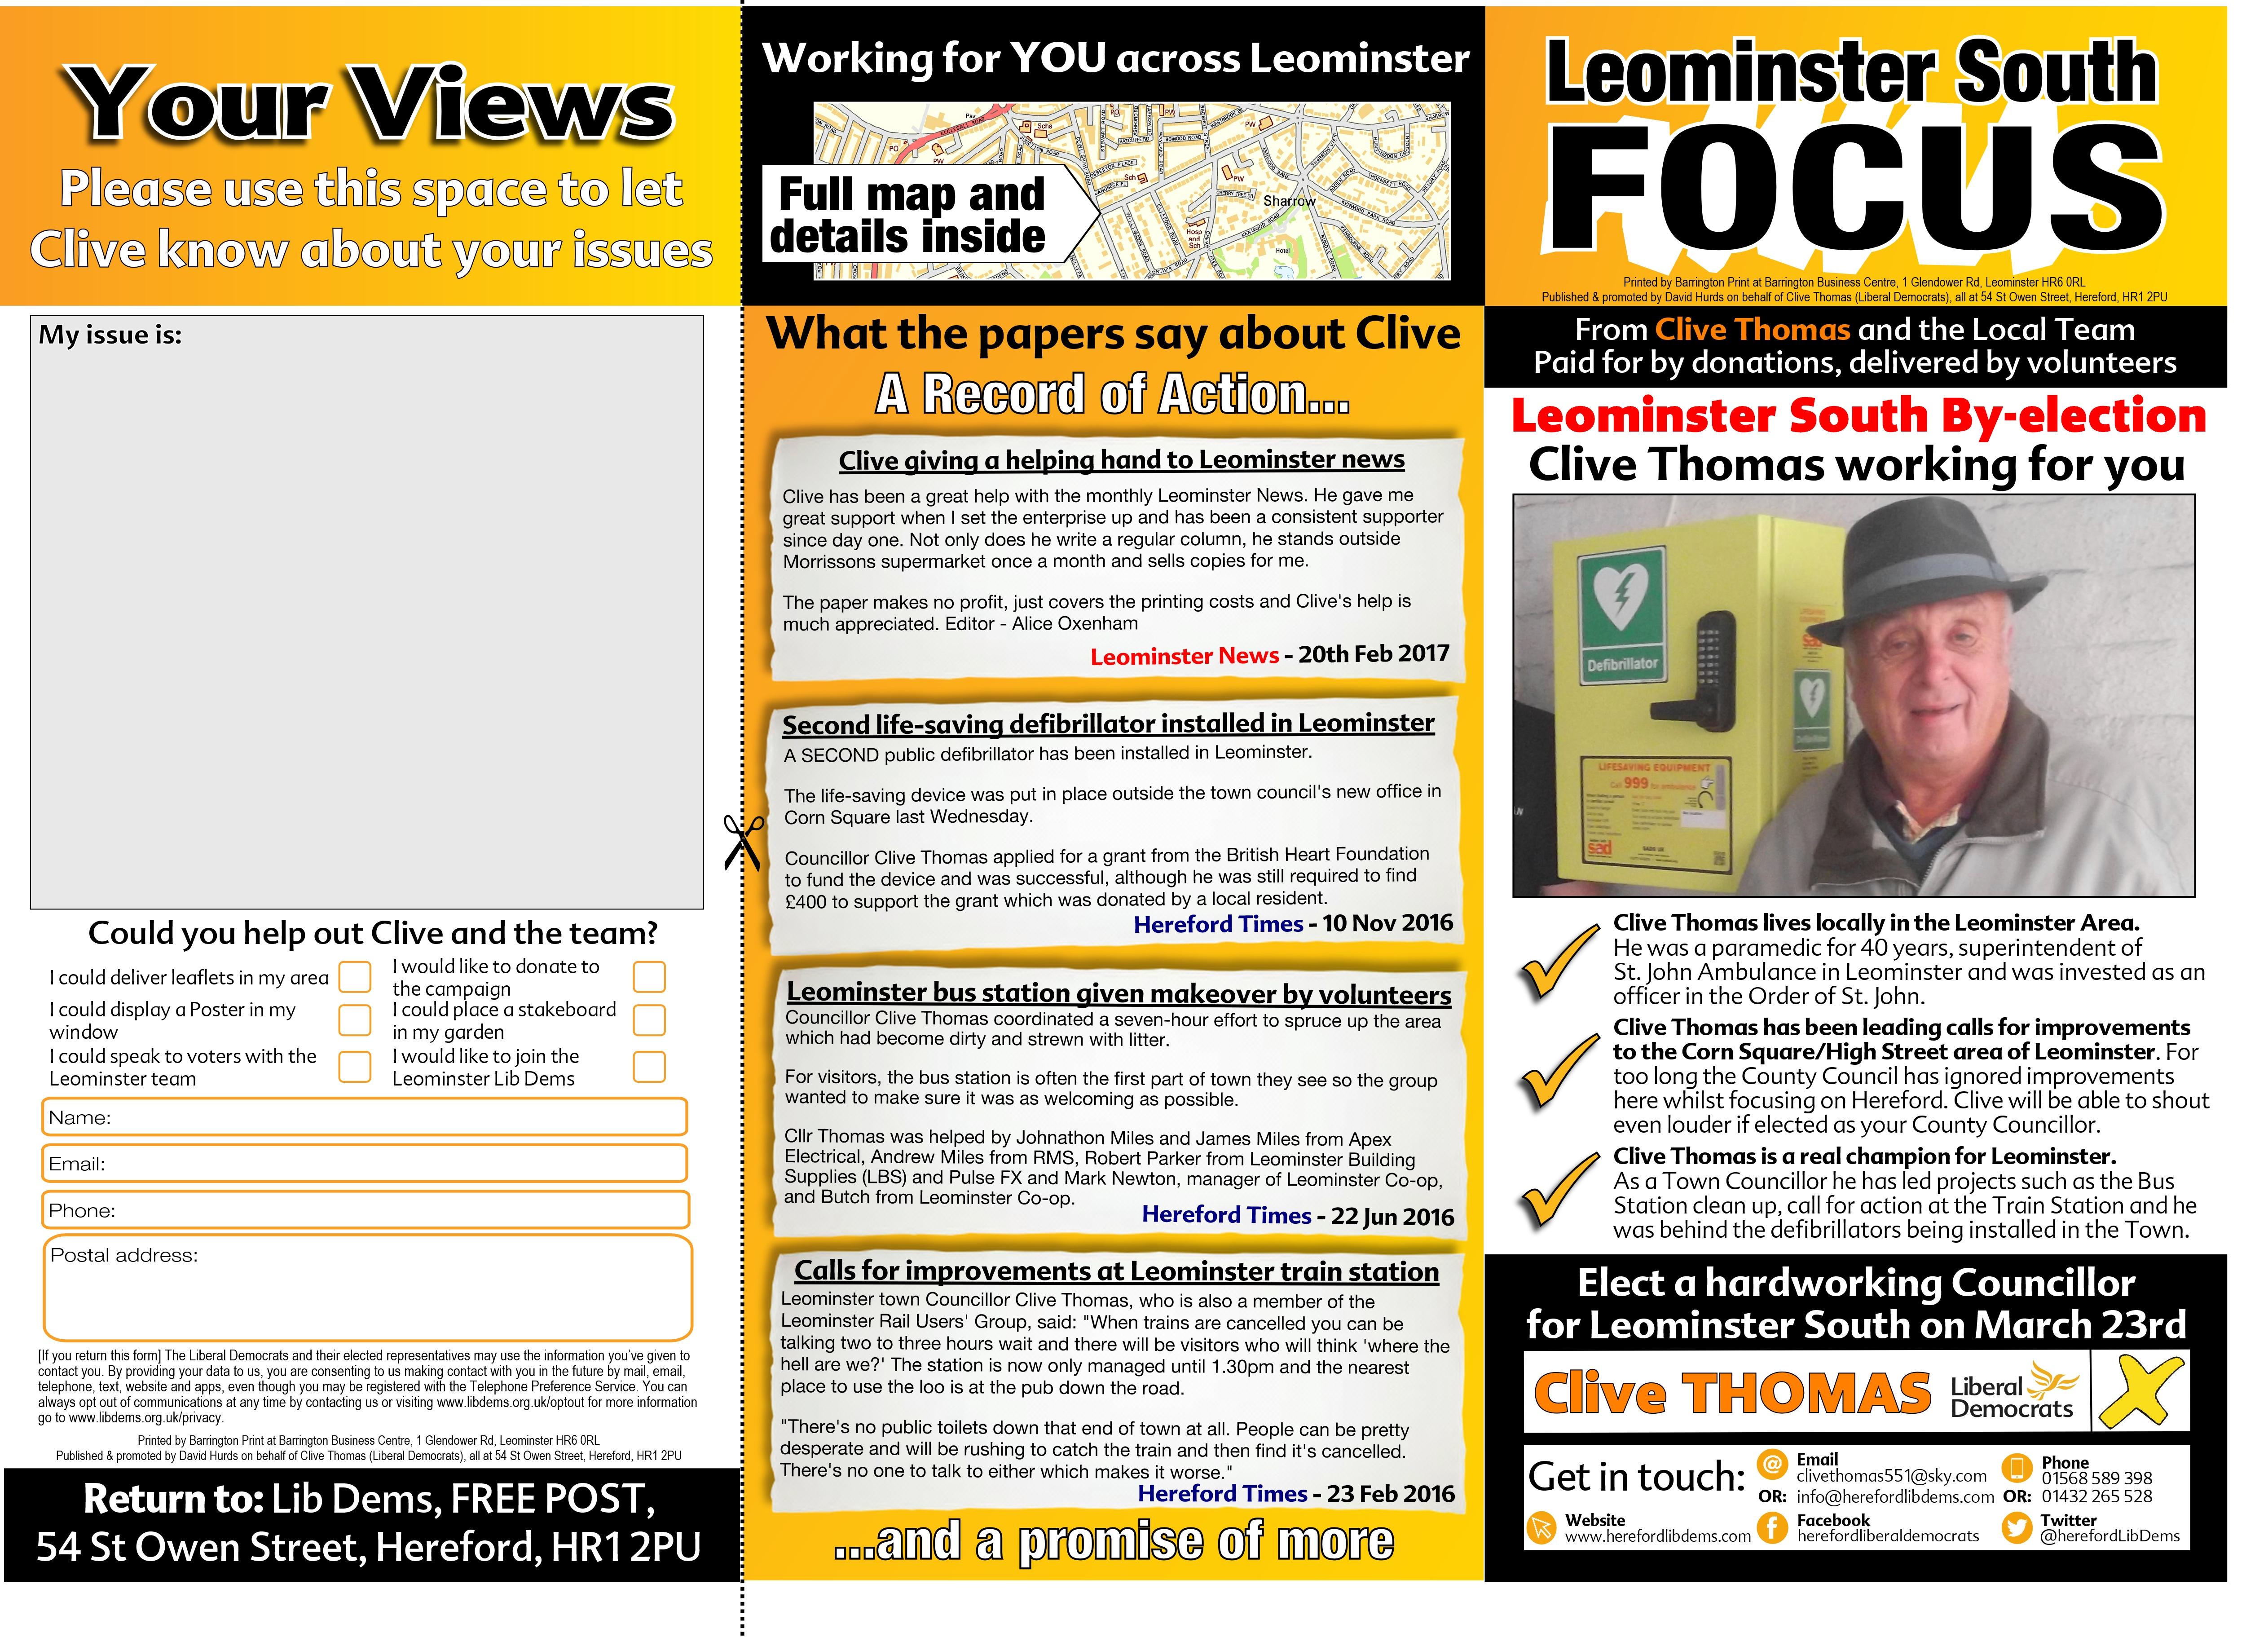 focus_back.jpg